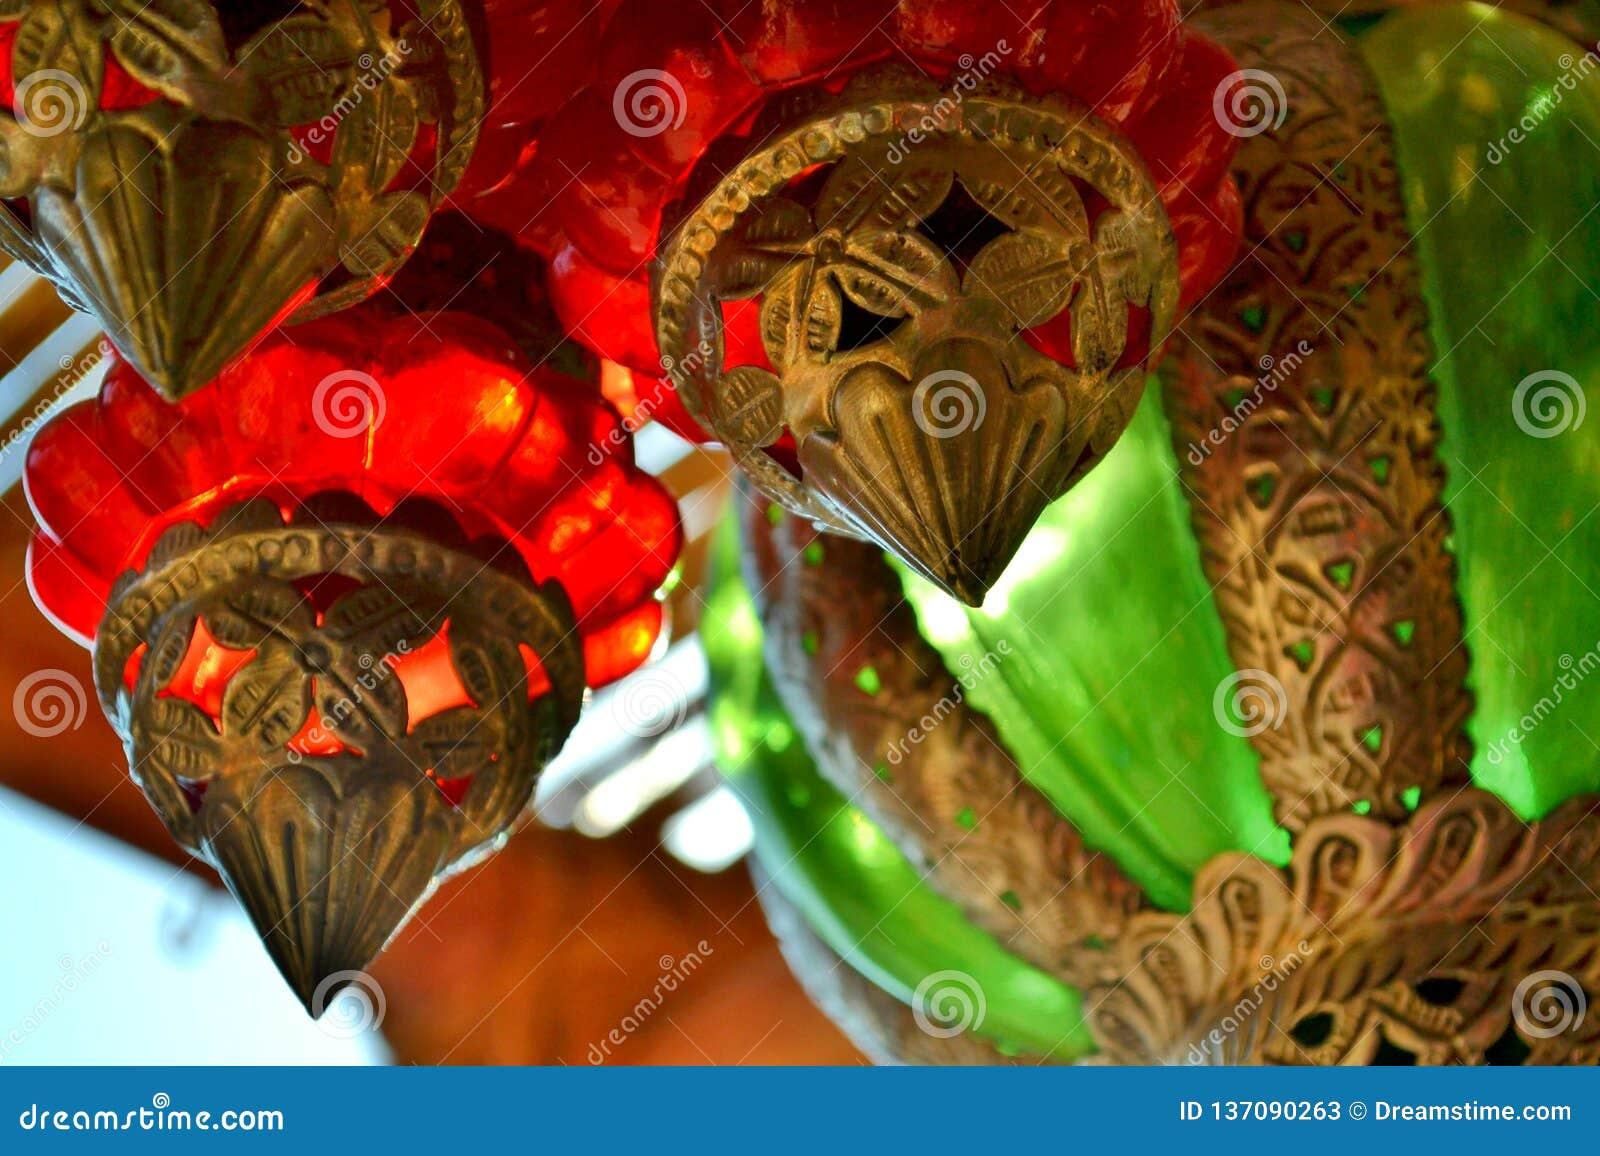 Κρεμώντας κόκκινα, πράσινα και ασημένια ζωηρόχρωμα φανάρια γυαλιού